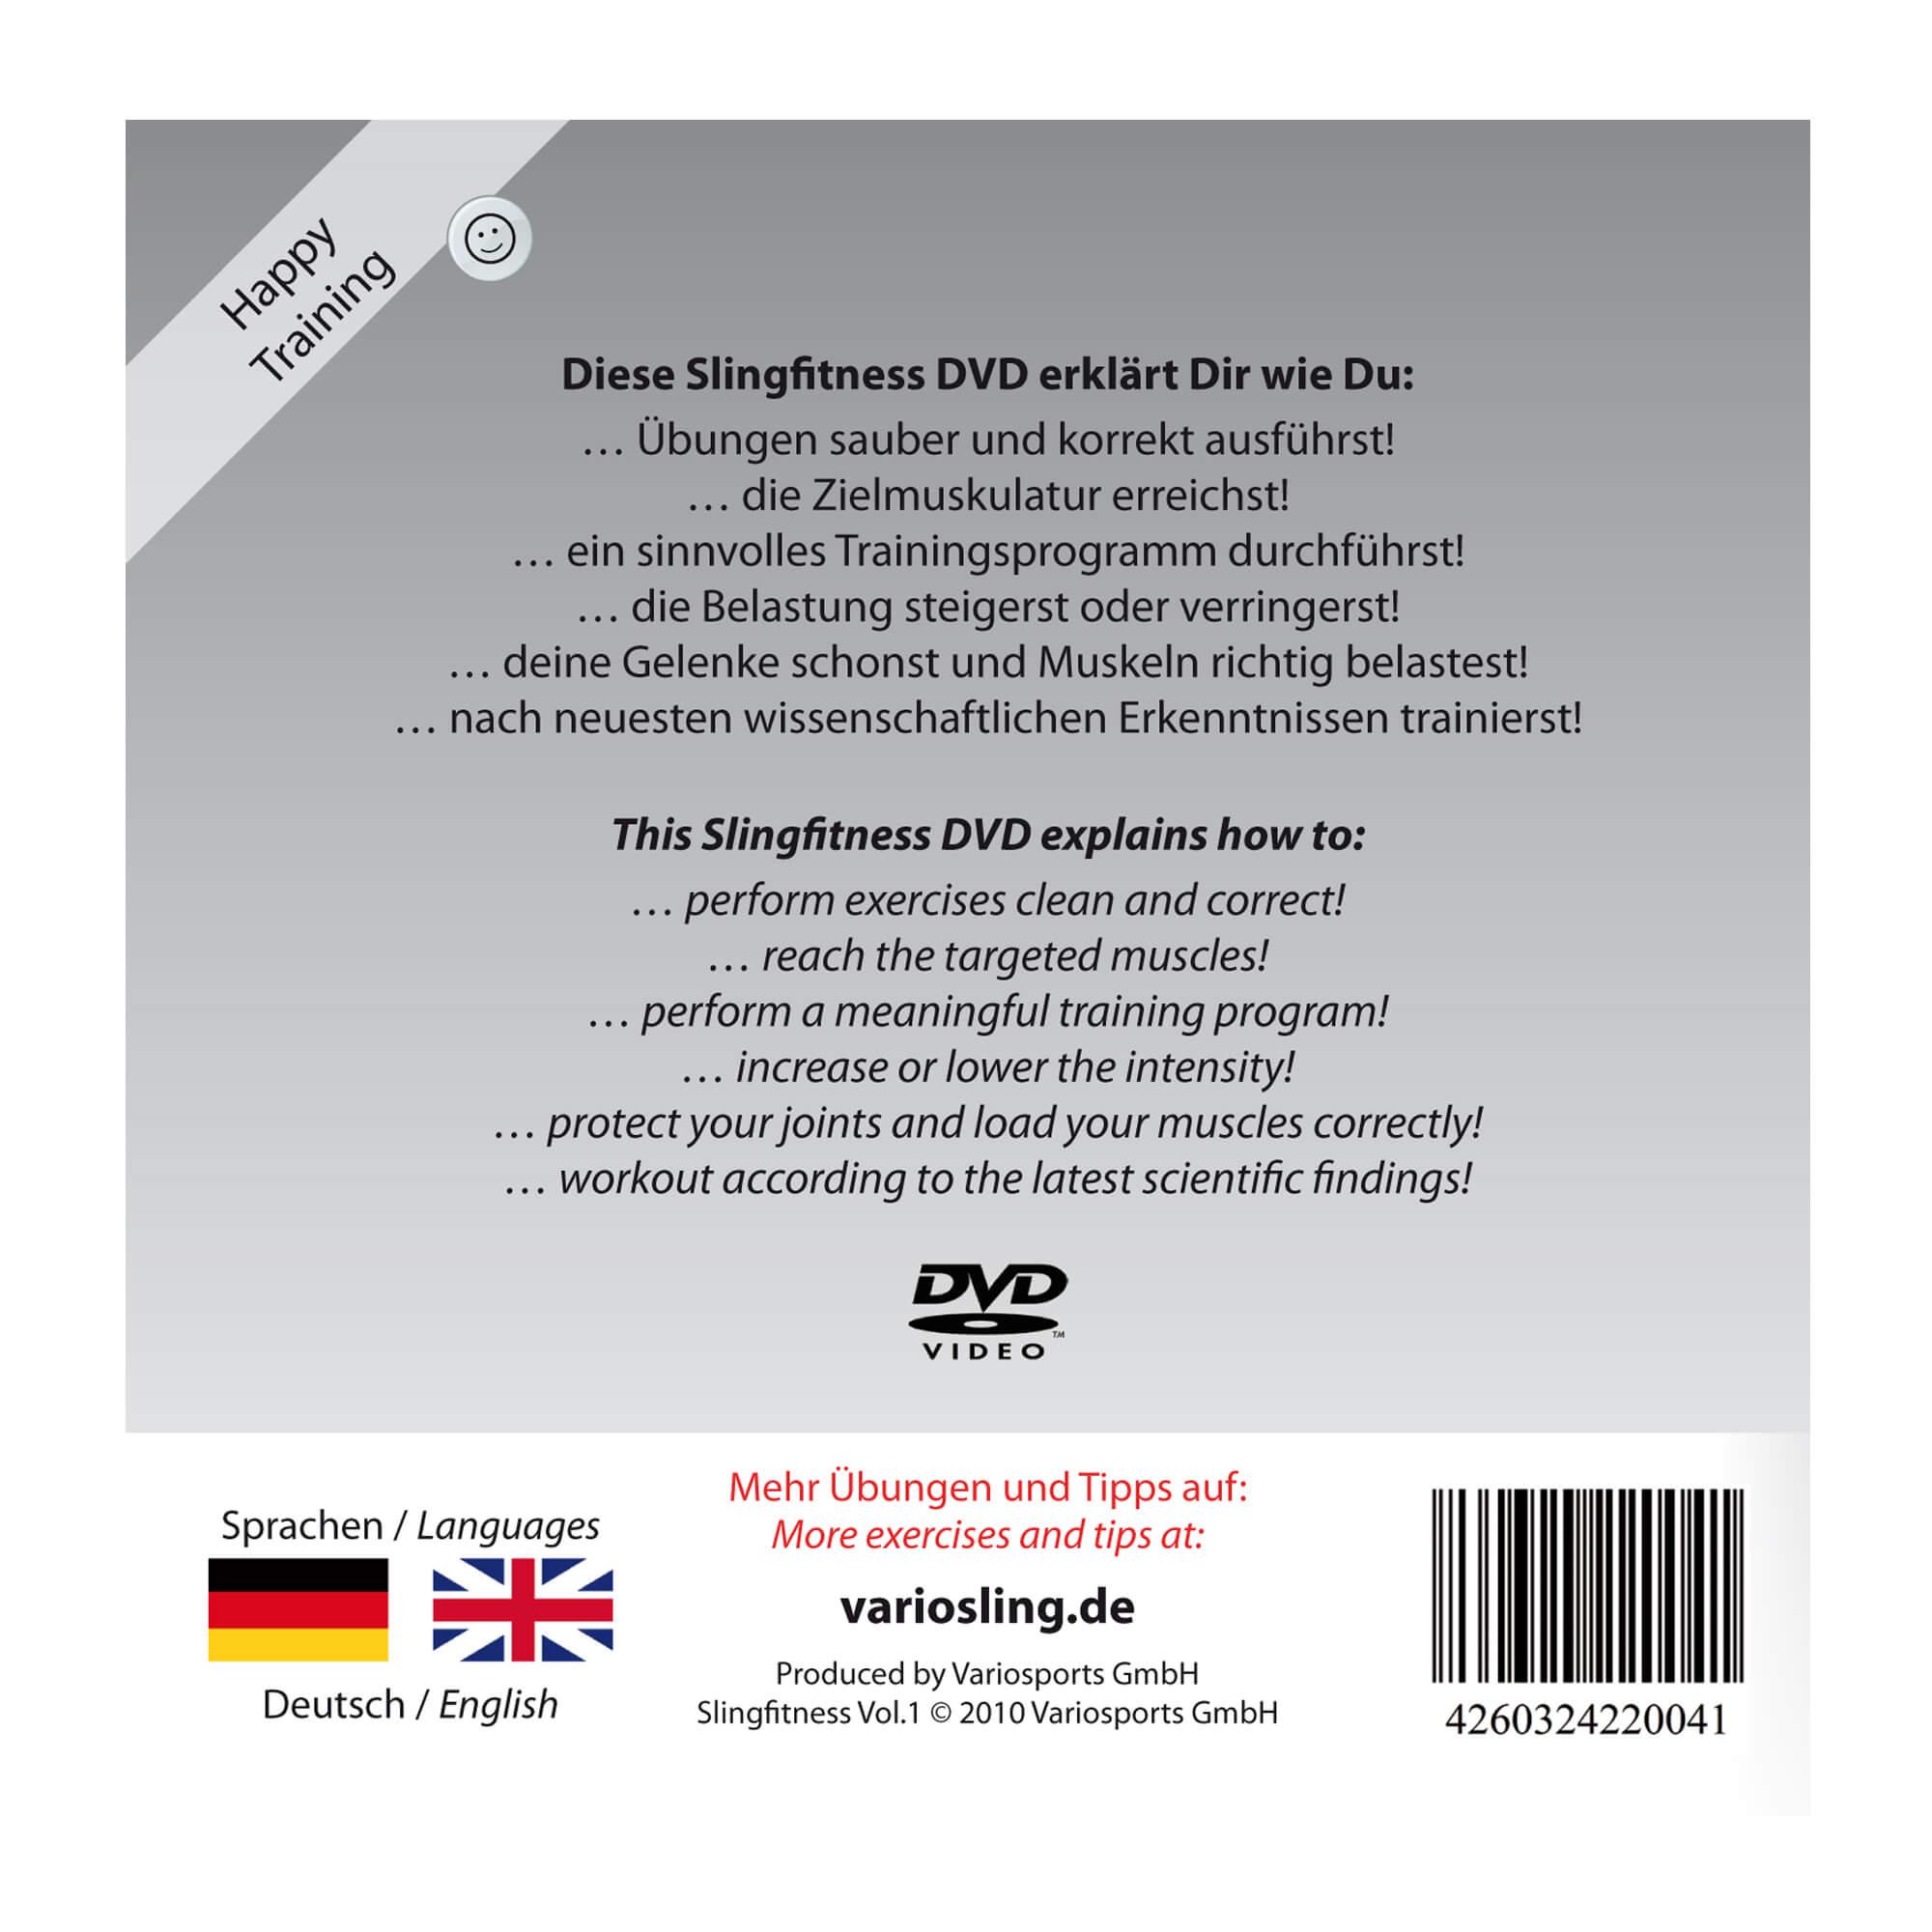 Variosling® DVD Slingfitness Vol.20, rot schwarz